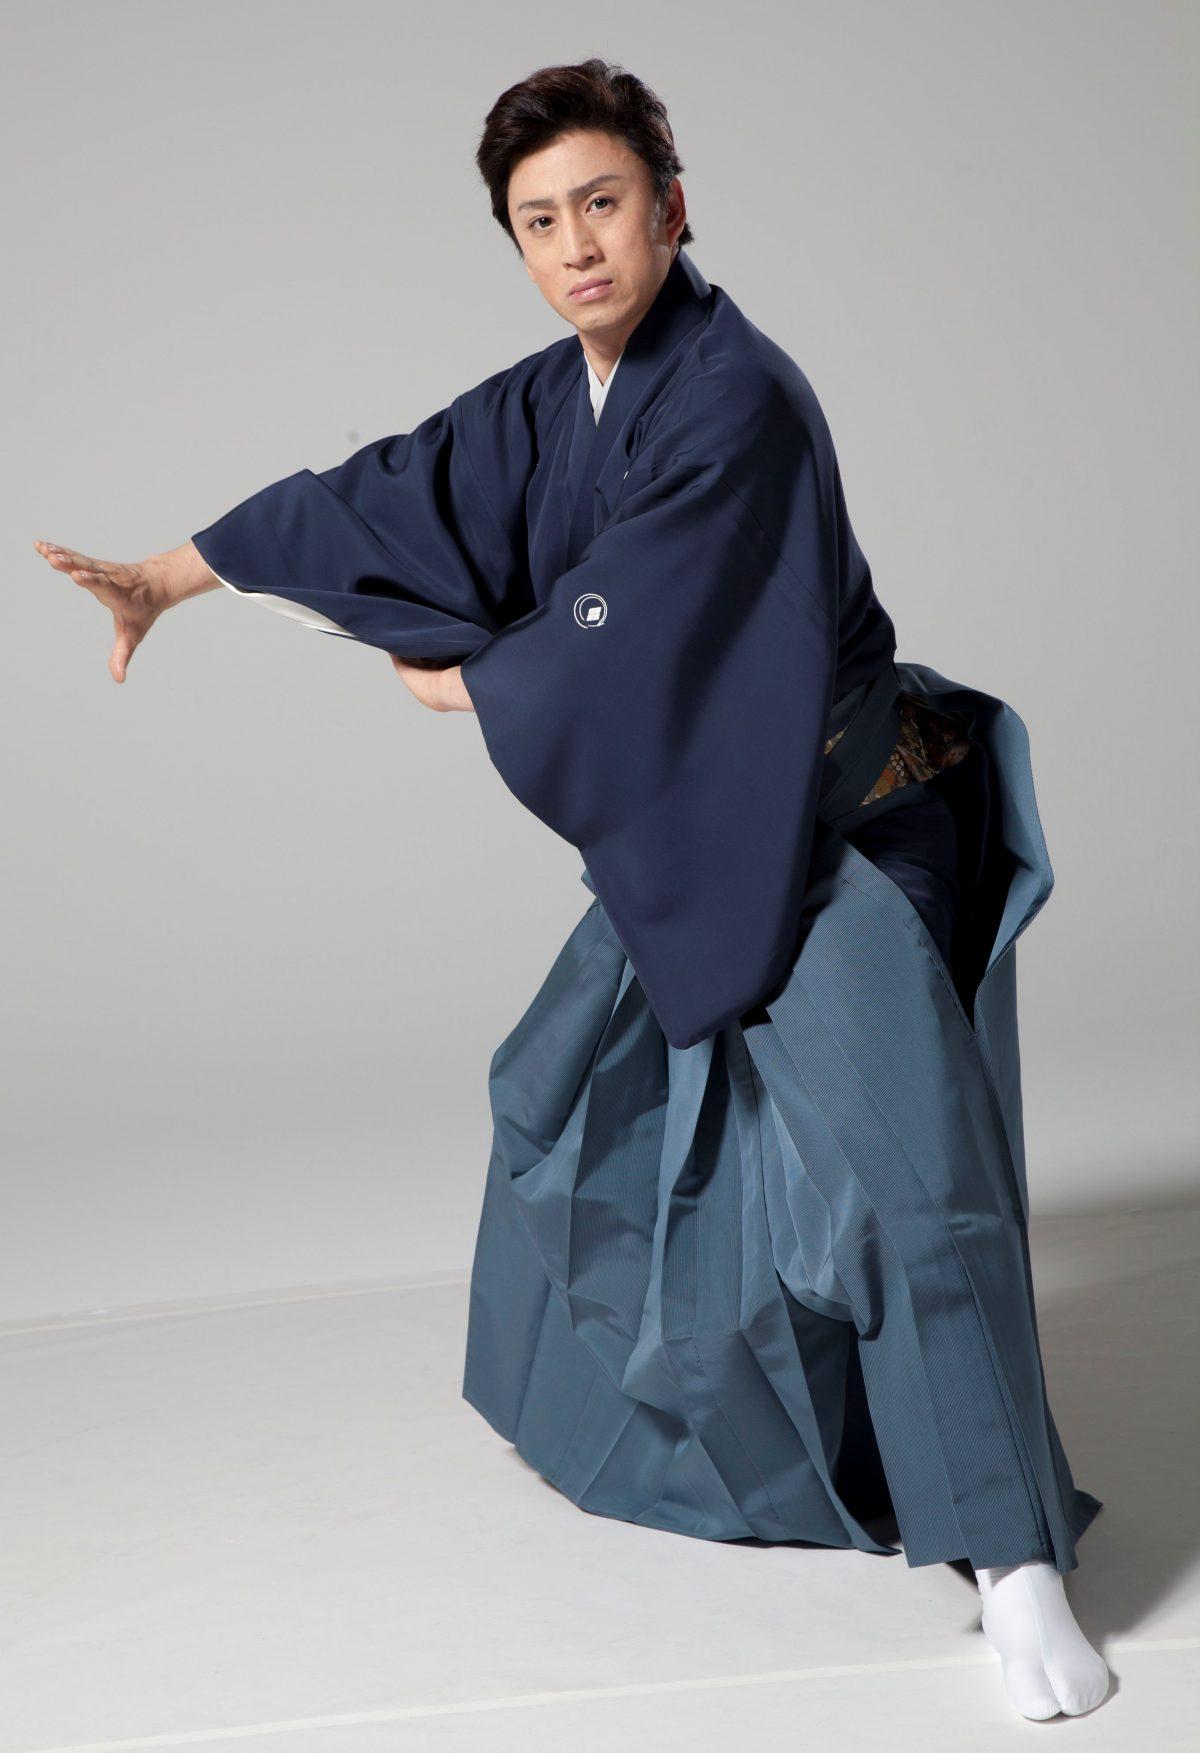 松本幸四郎ディナーショー02